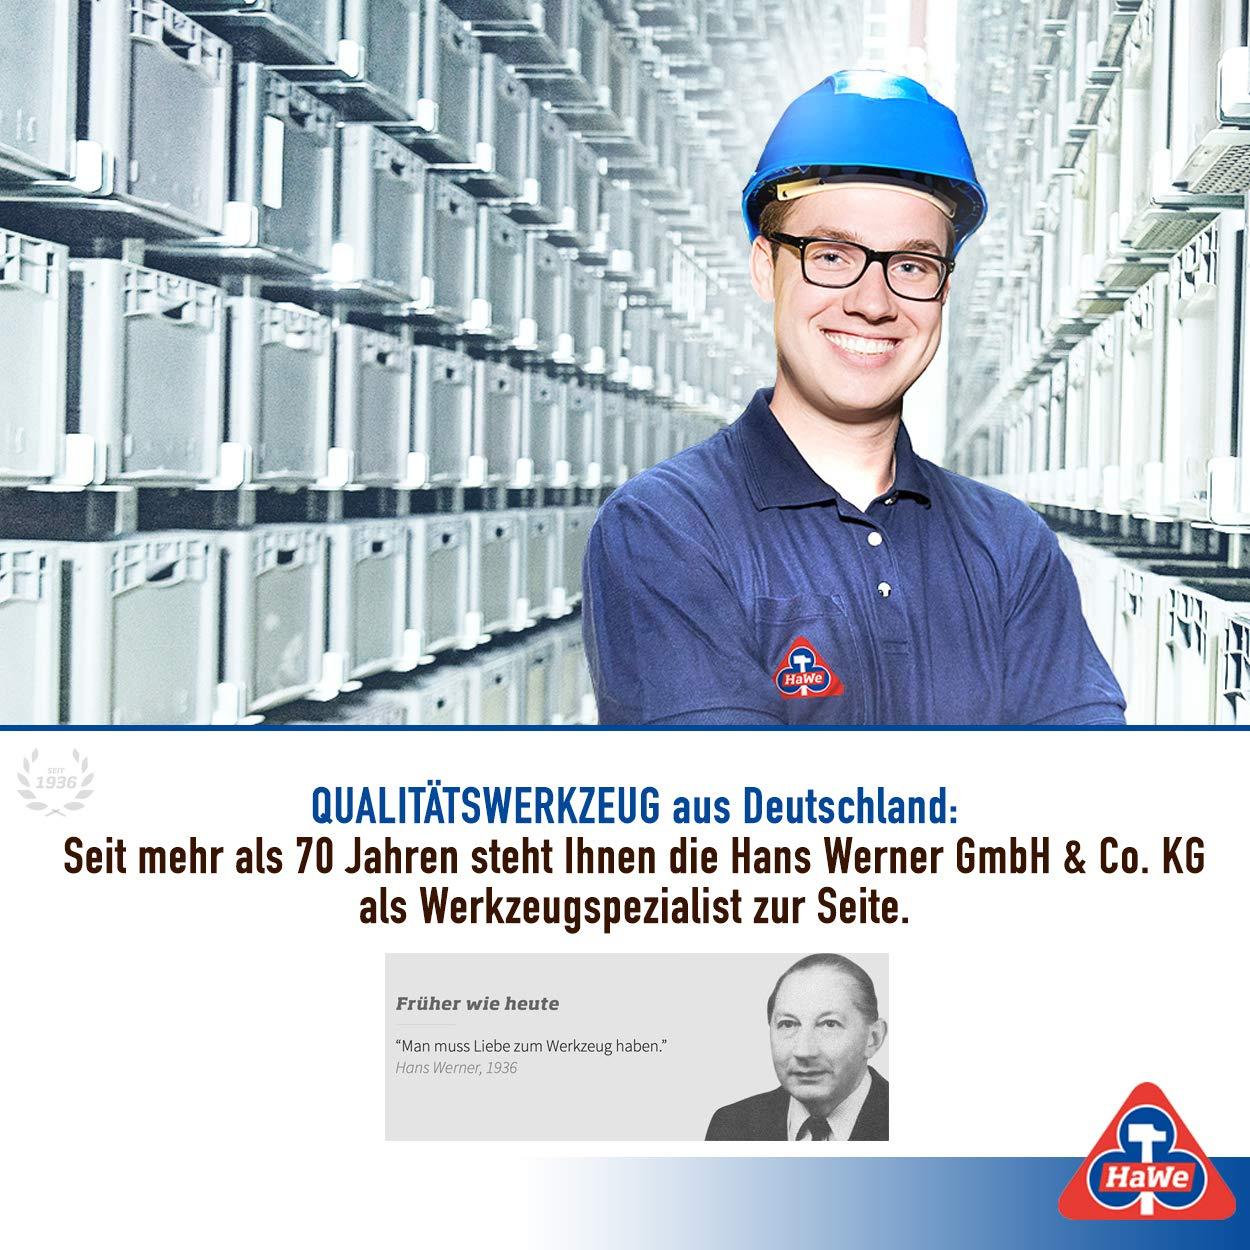 Handbeil mit Stahlrohrstiel Maurerbeil HaWe Profi Gipserbeil Maurerhammer 600 g Kunststoffgriff Rutschfest